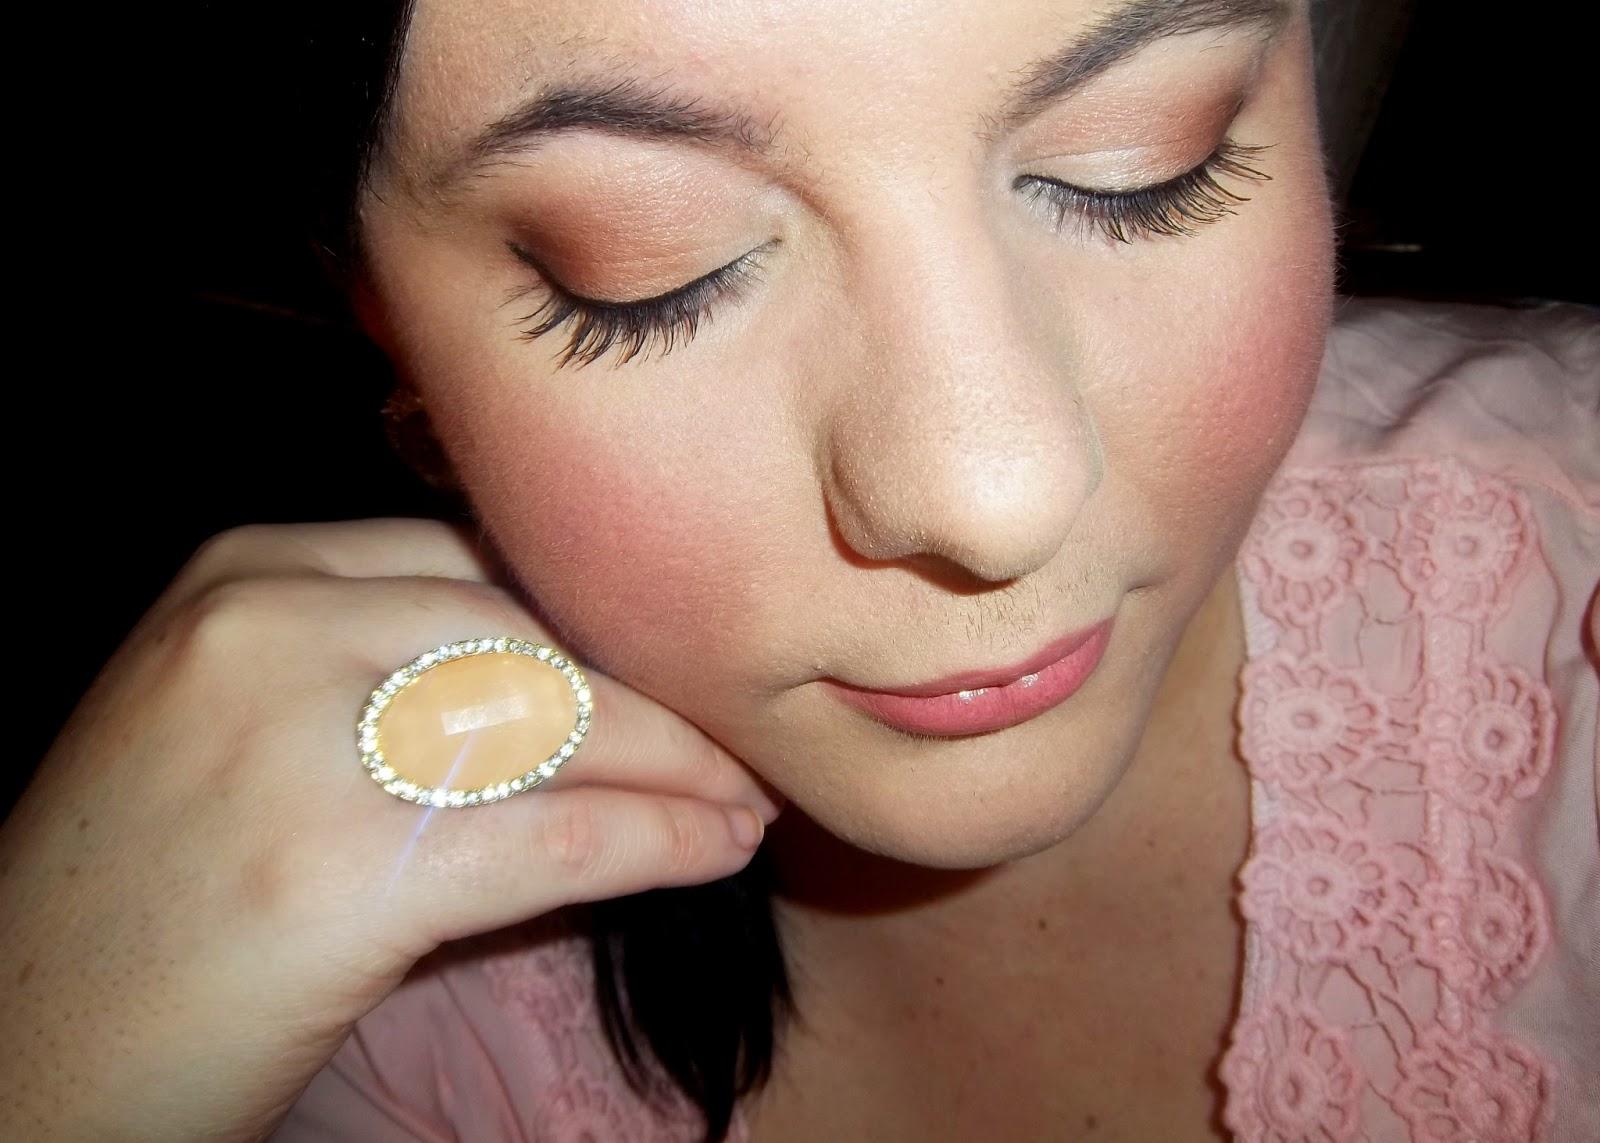 Romantic Wedding Makeup Day romantic makeup 2013